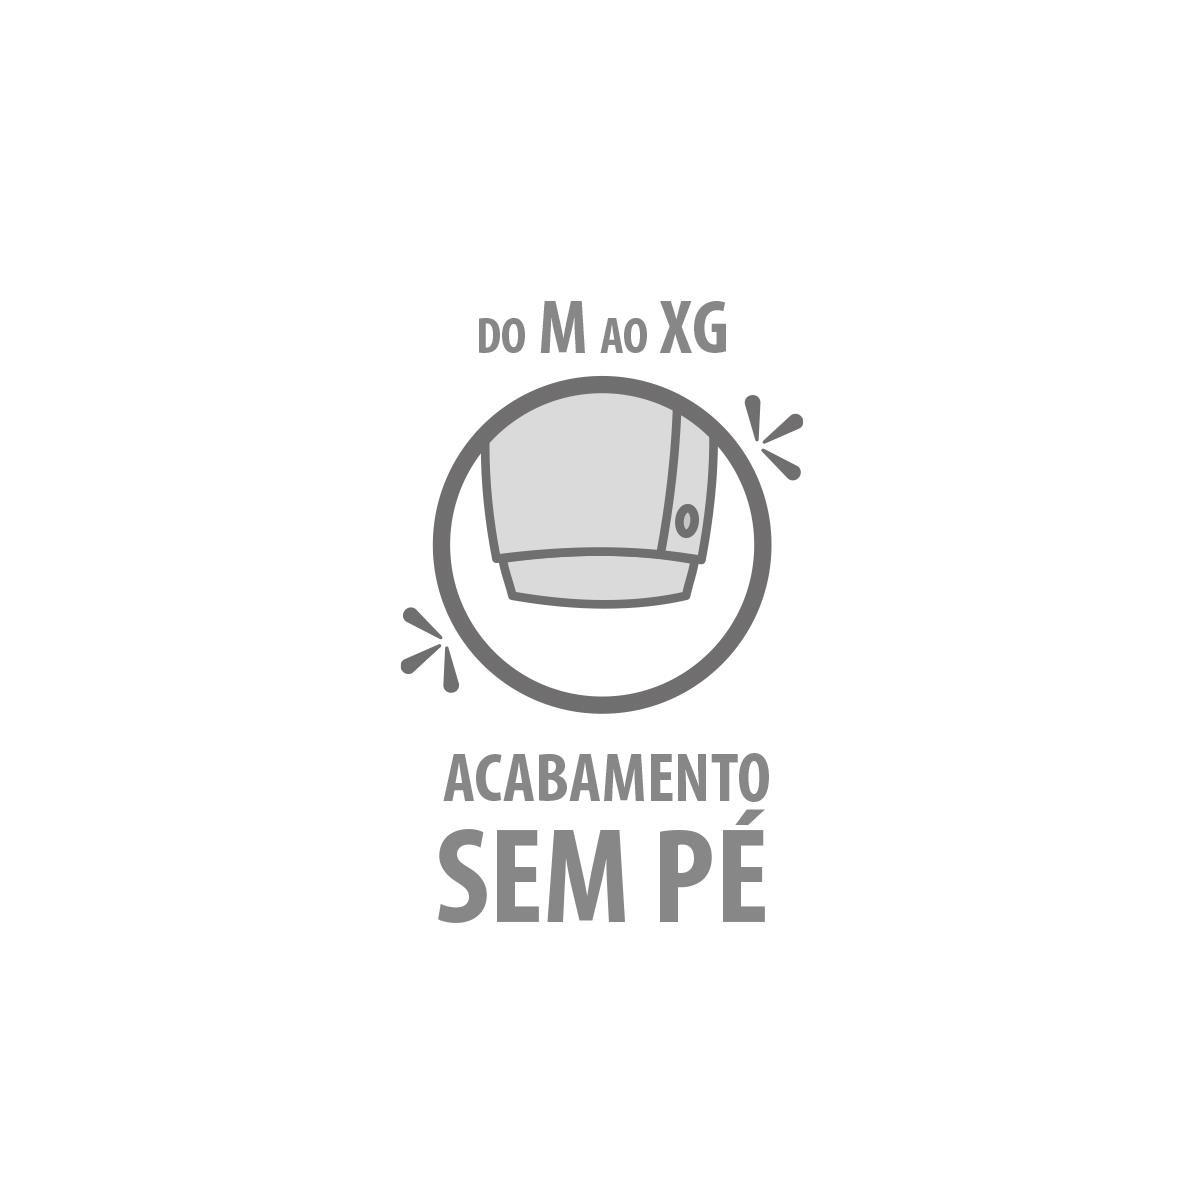 Macacão Plush Raposinha - Tamanhos RN e P com pezinho; M, G e XG sem pezinho  - Piu Blu